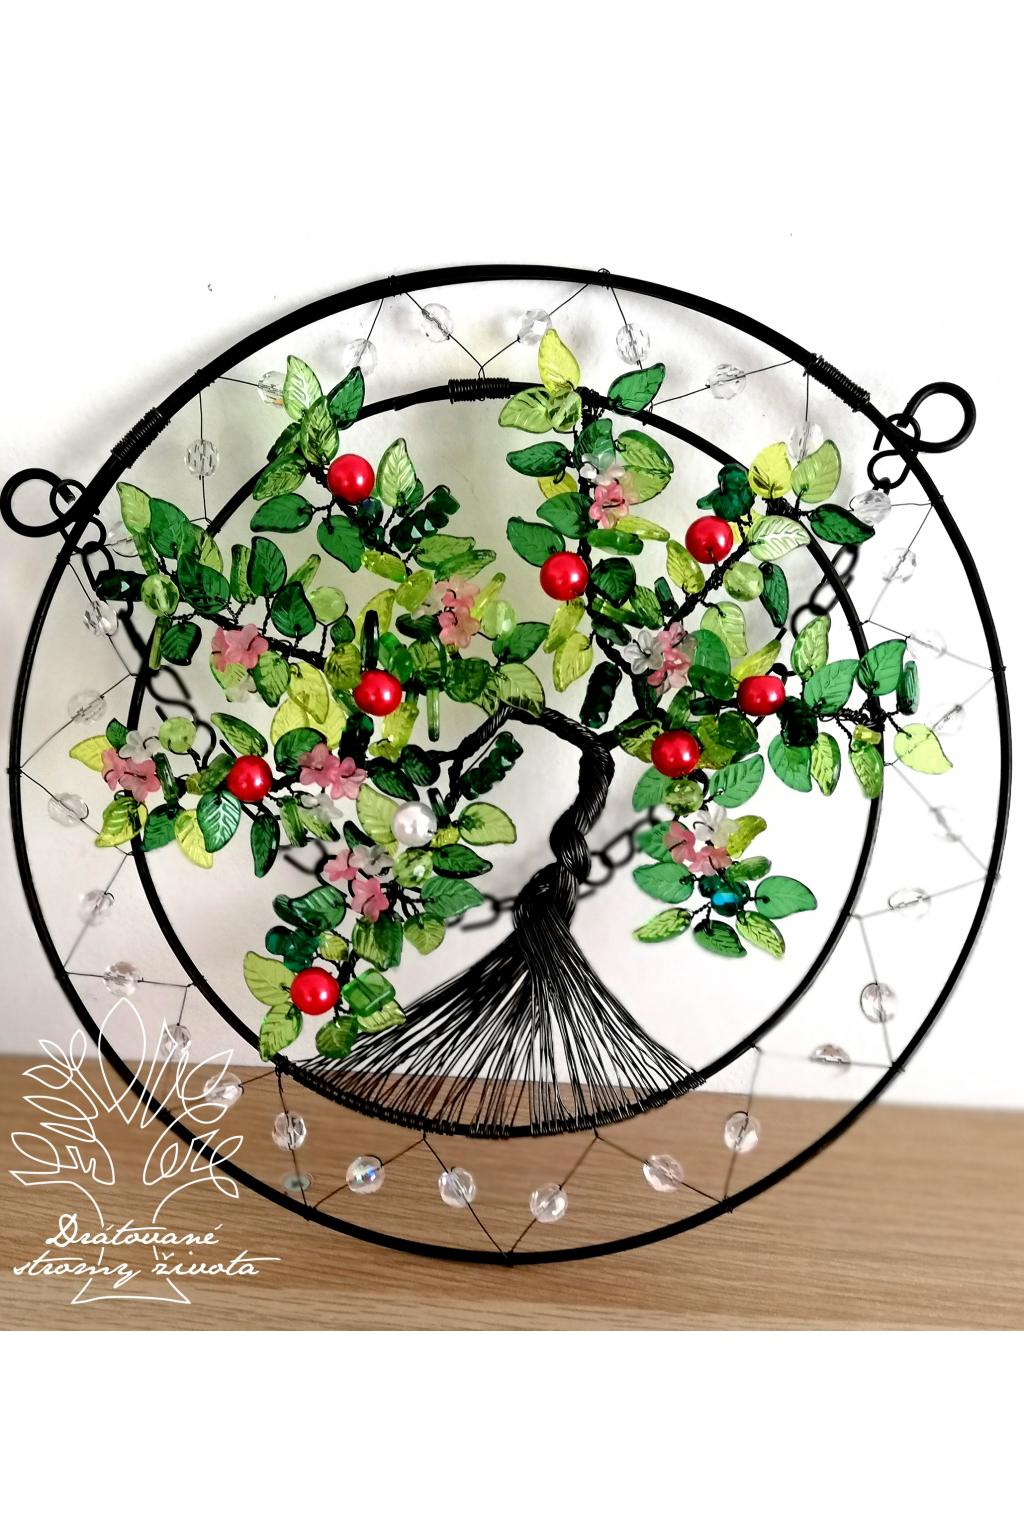 Drátovaný strom - Jablíčka z podzimní zahrádky 22cm